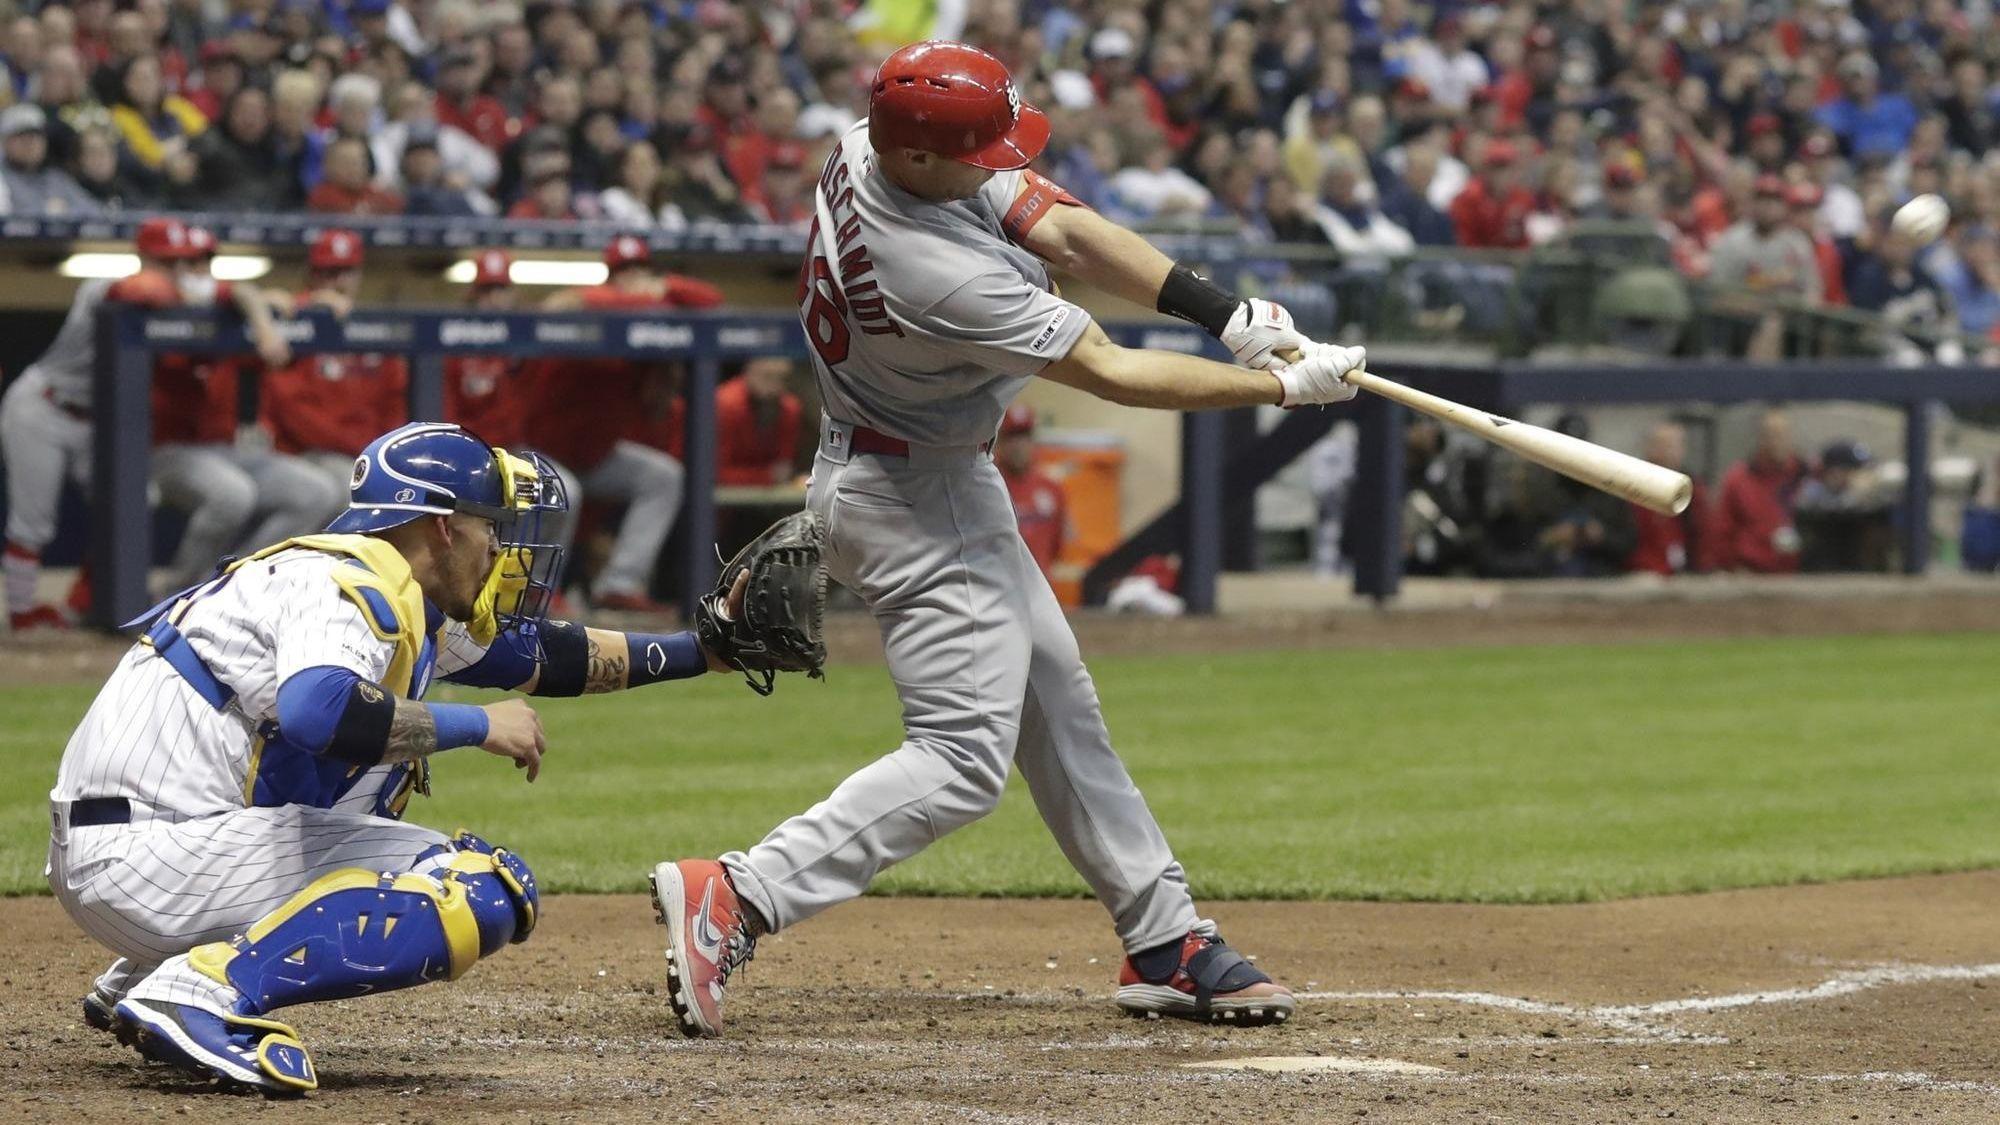 Paul Goldschmidt blasts 3 home runs in the Cardinals' 9-5 ...